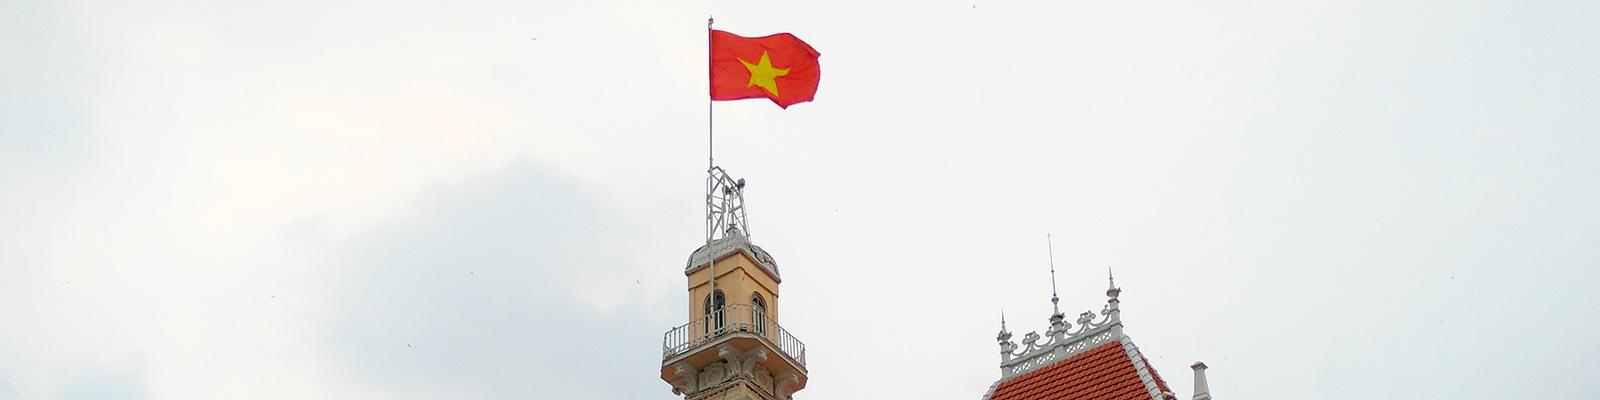 4G LTEの導入が遅れるベトナム